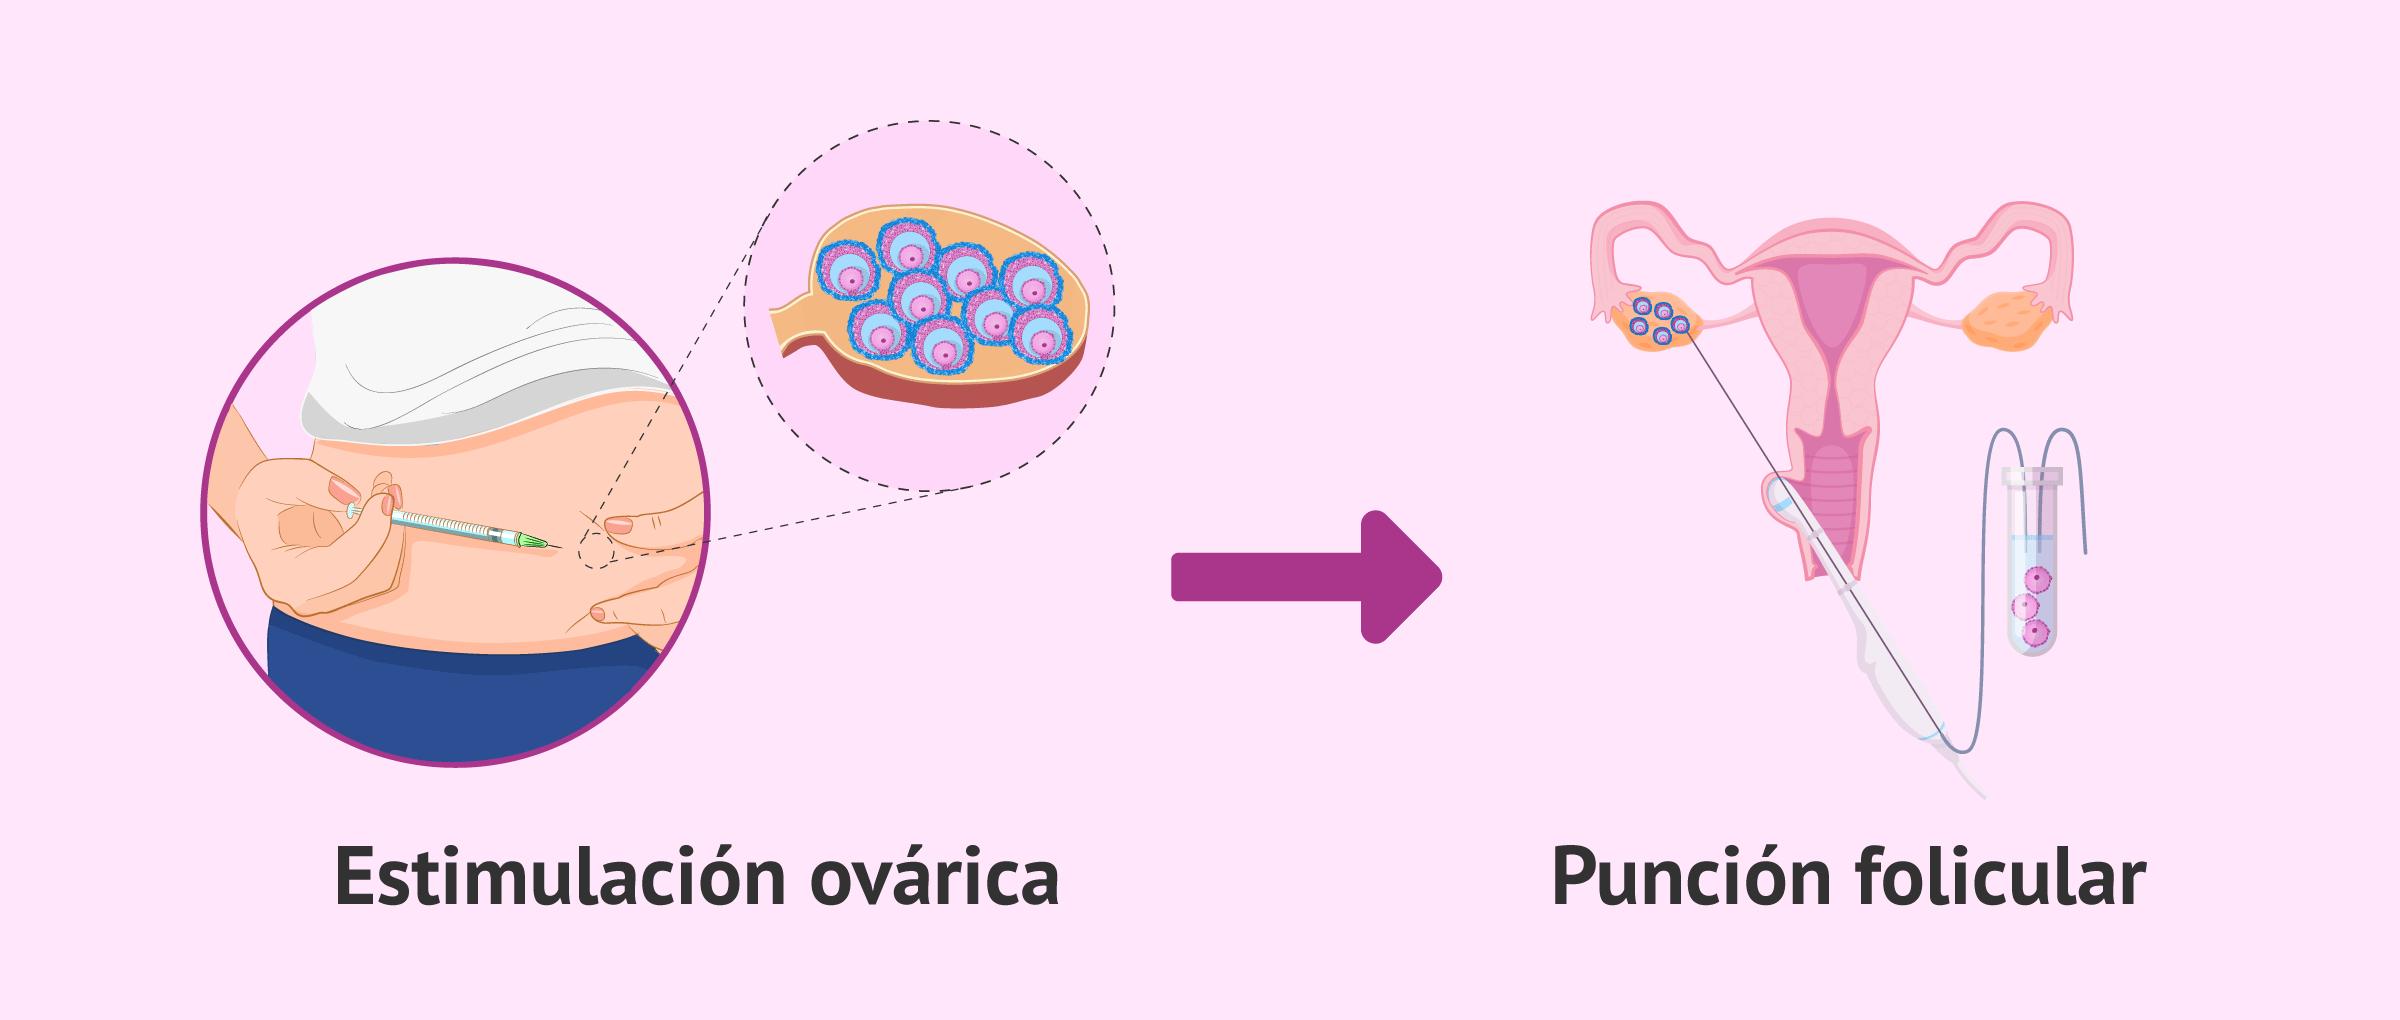 Punción folicular tras estimulación ovárica